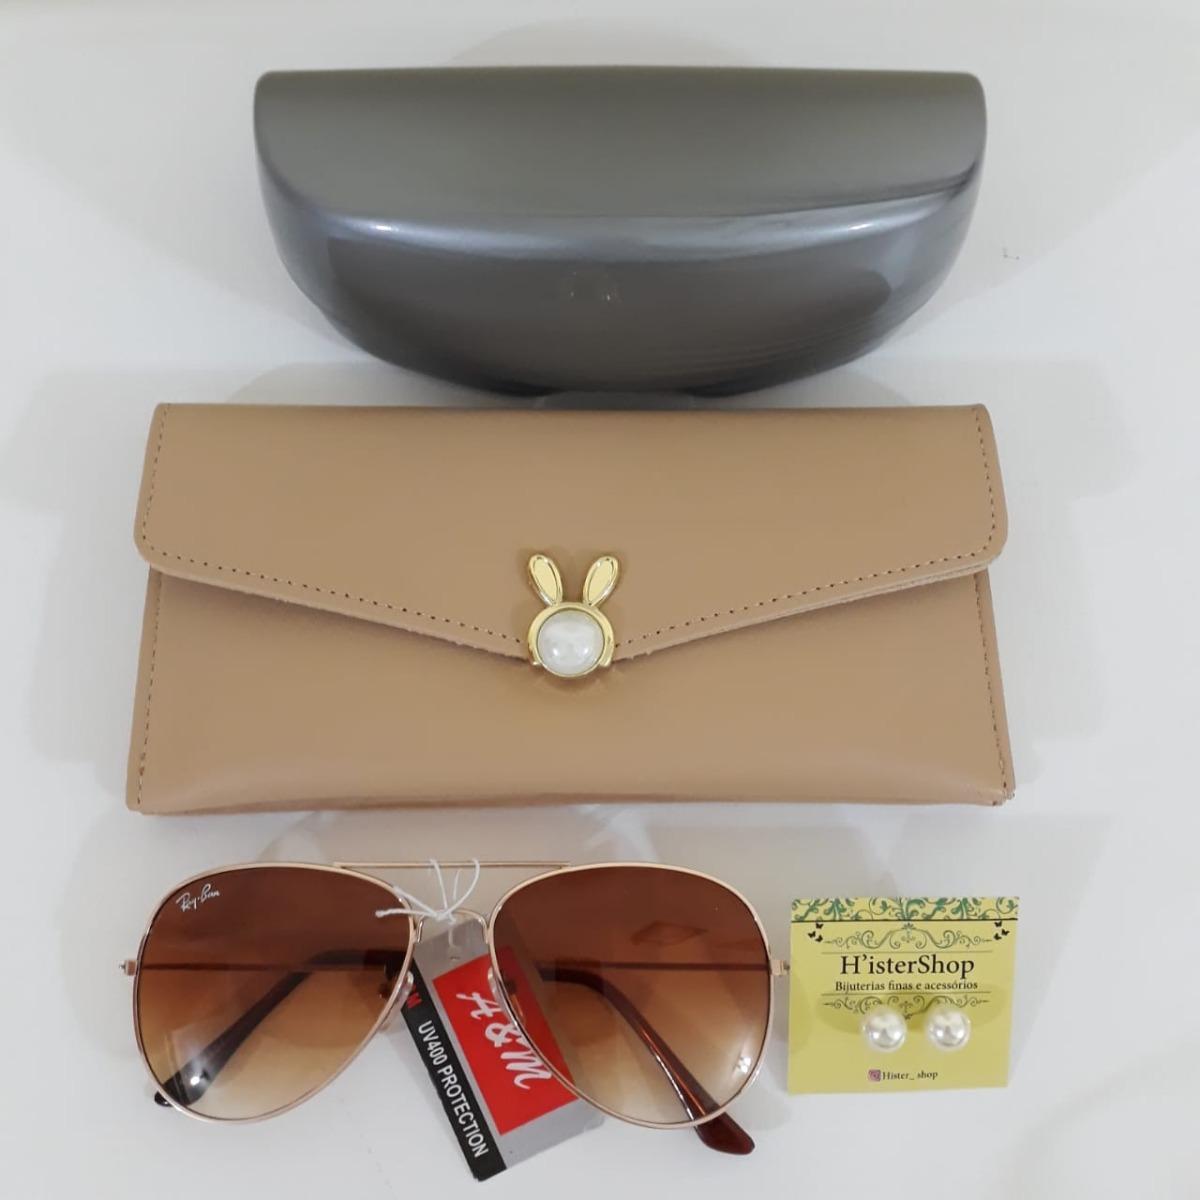 Kit 2 Óculos De Sol Fem + Carteira Bolsa + Brinde Feminino - R  45 ... 75d8328fa0